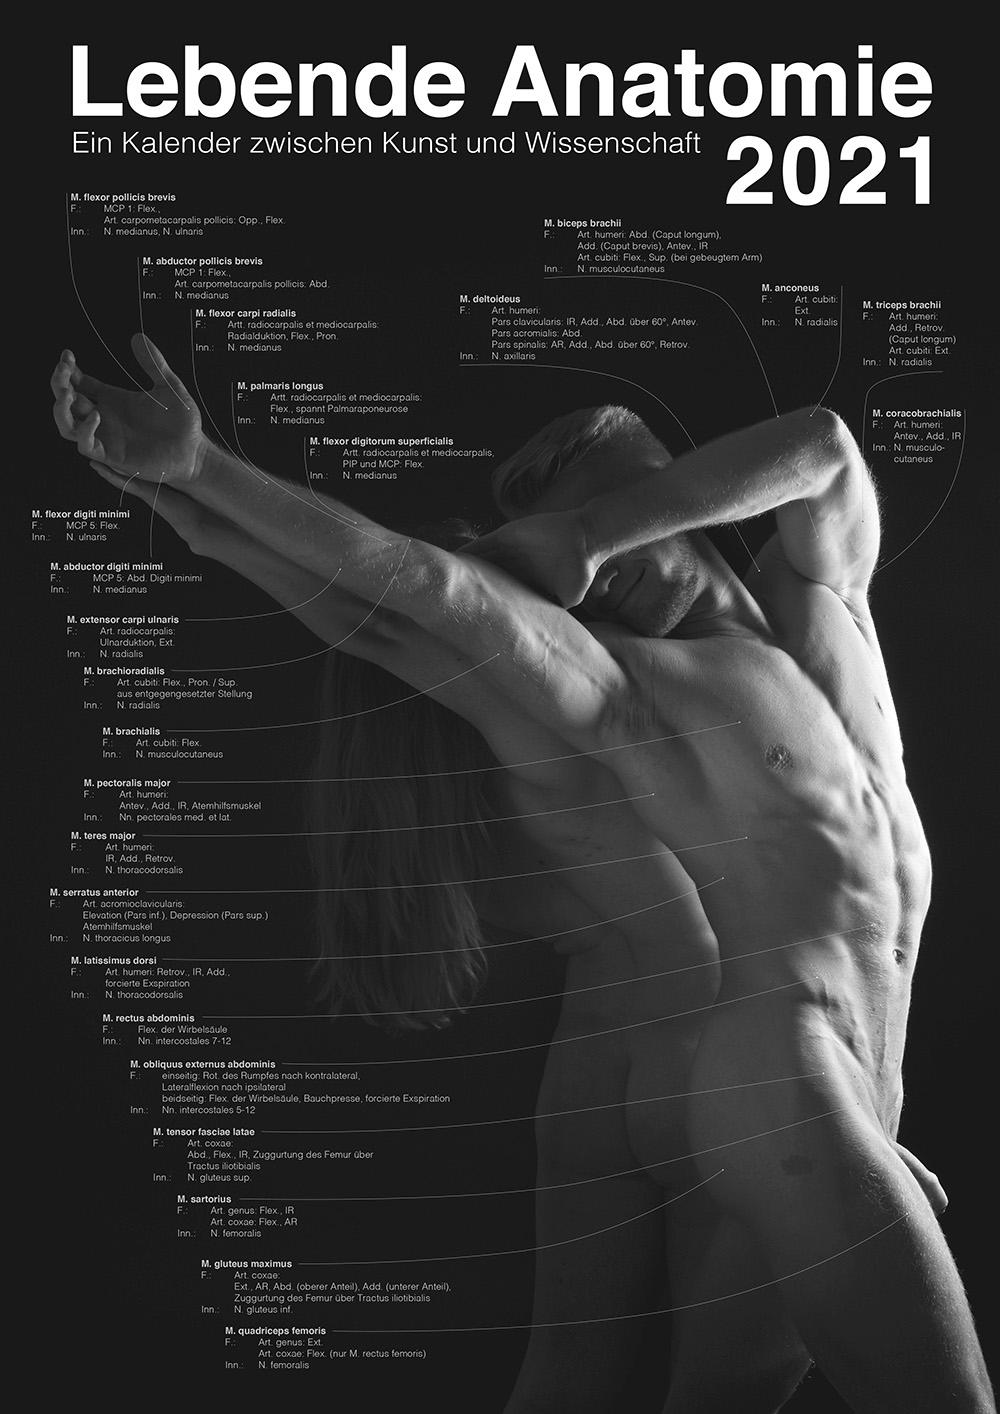 Lebende Anatomie 2021 VORSCHAU 00